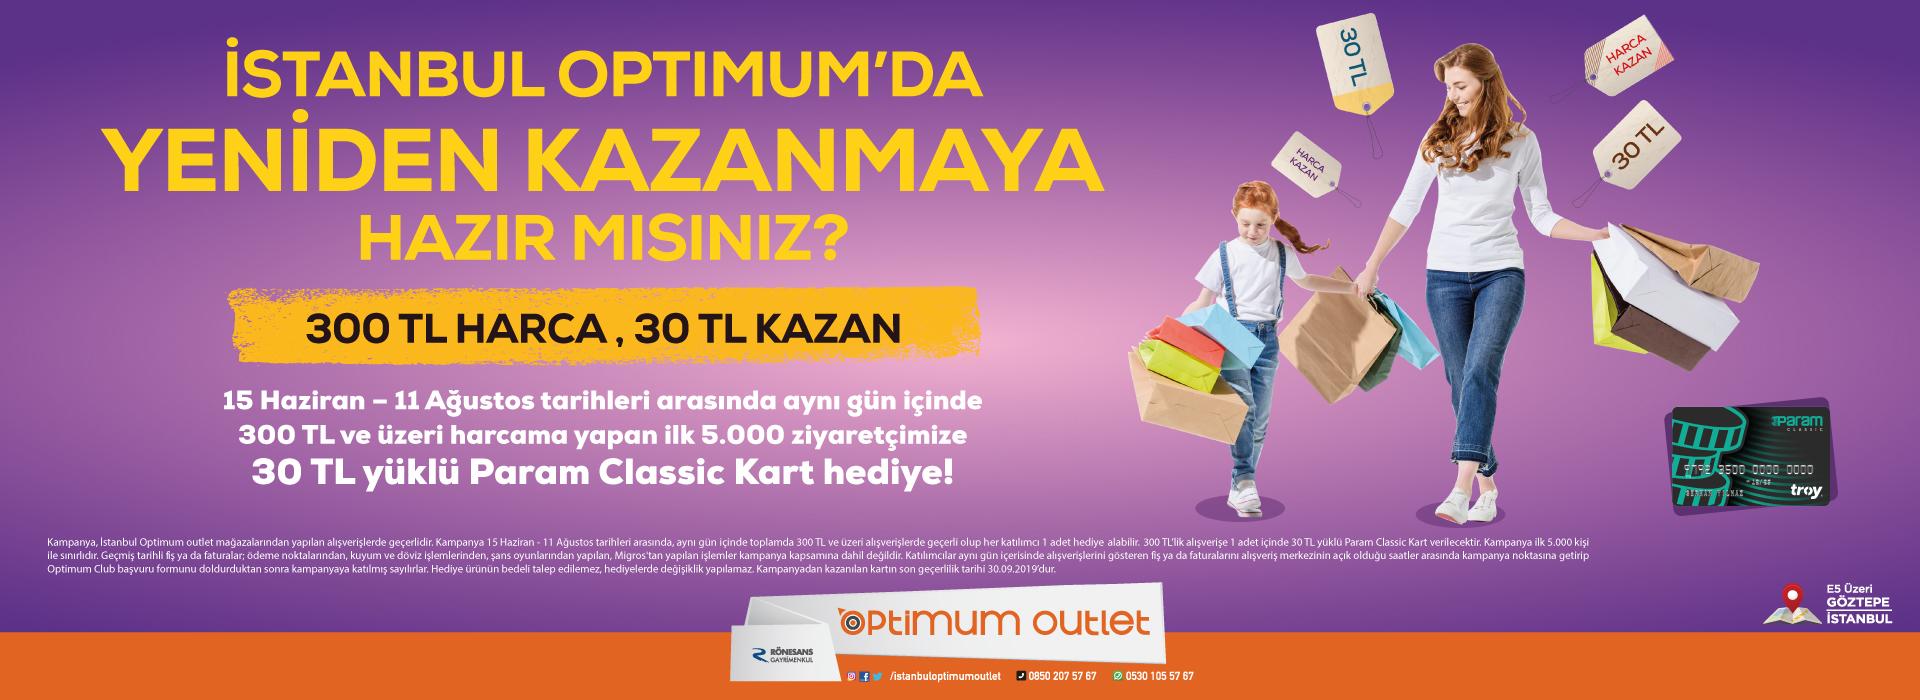 İstanbul Optimum'da Yeniden Kazanmaya Hazır Mısınız?